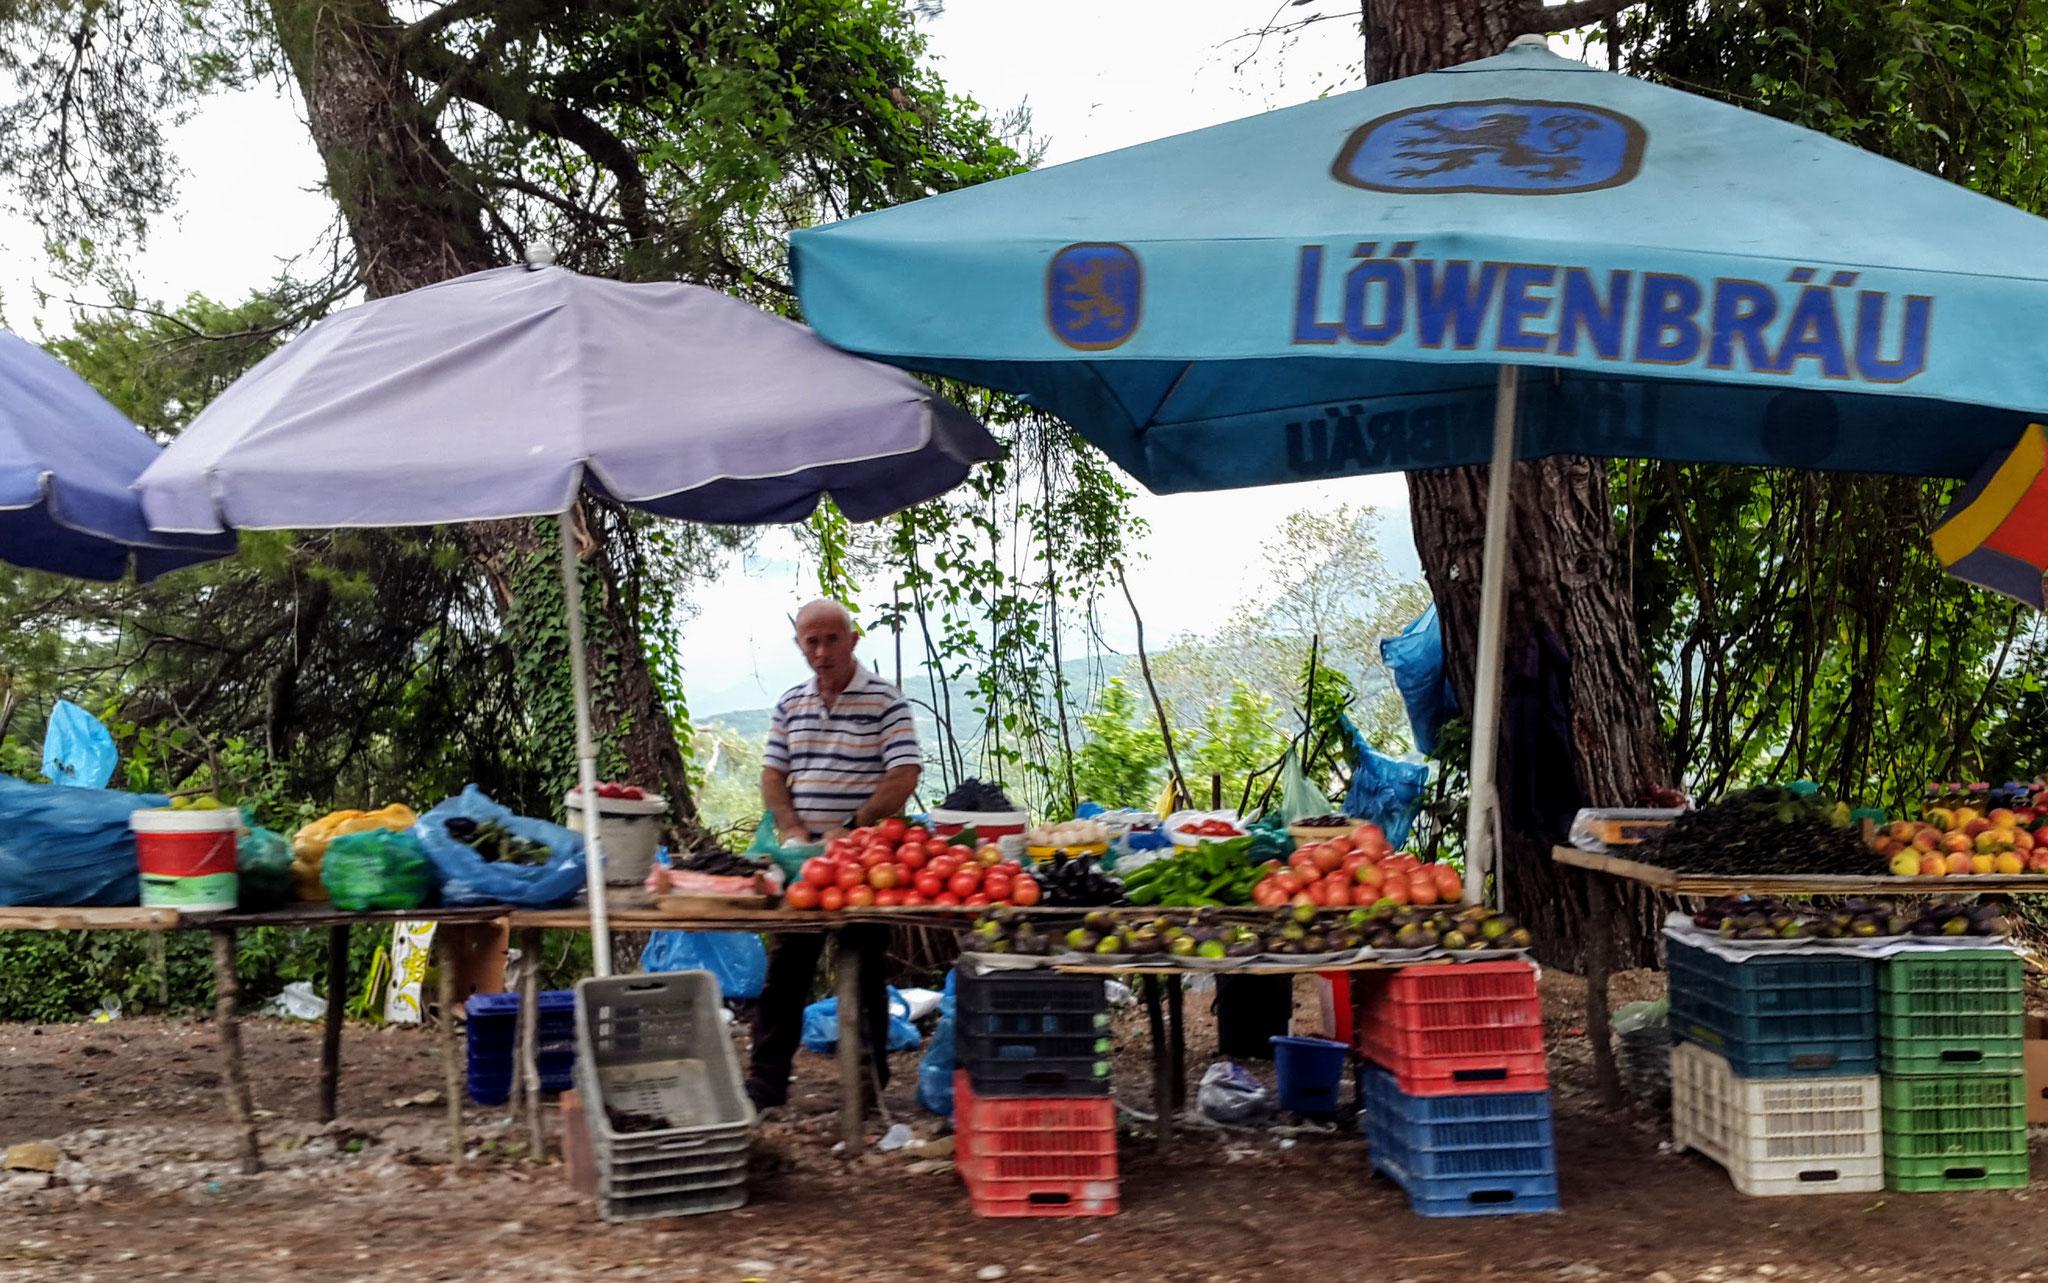 Einer von unzähligen Obst- und Gemüseständen in Albanien